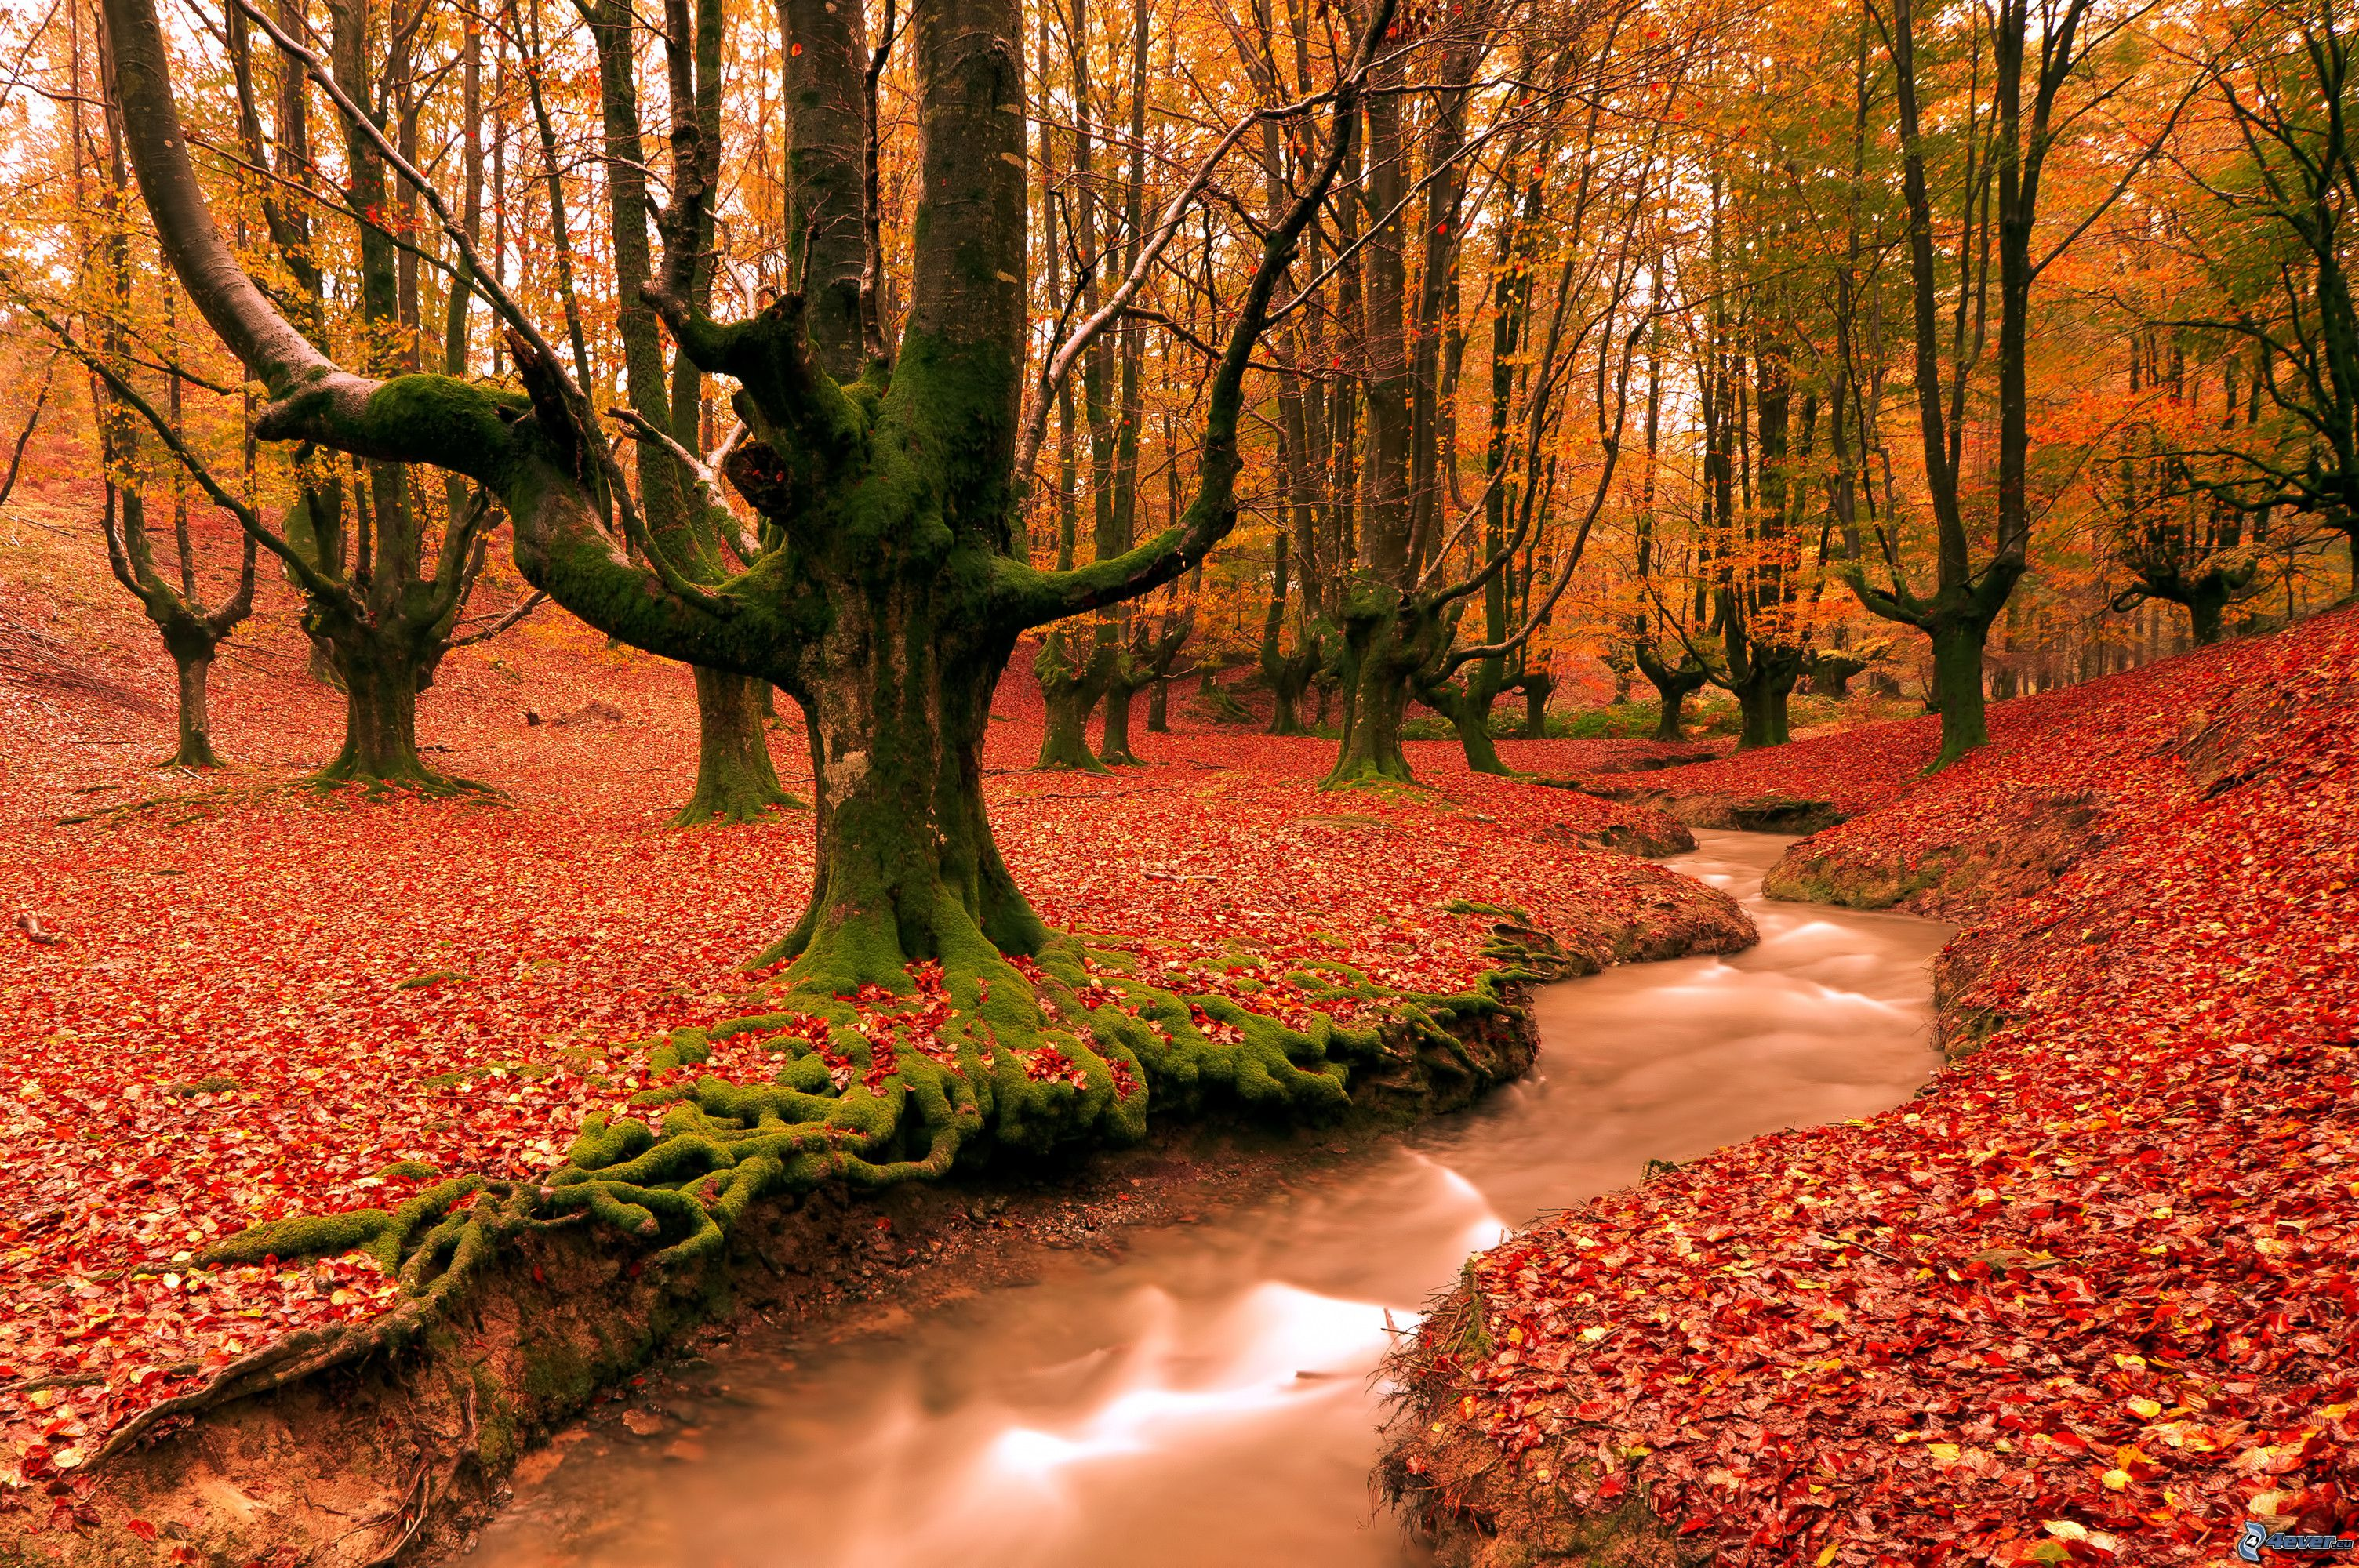 Foresta rossa di autunno for Immagini autunno hd